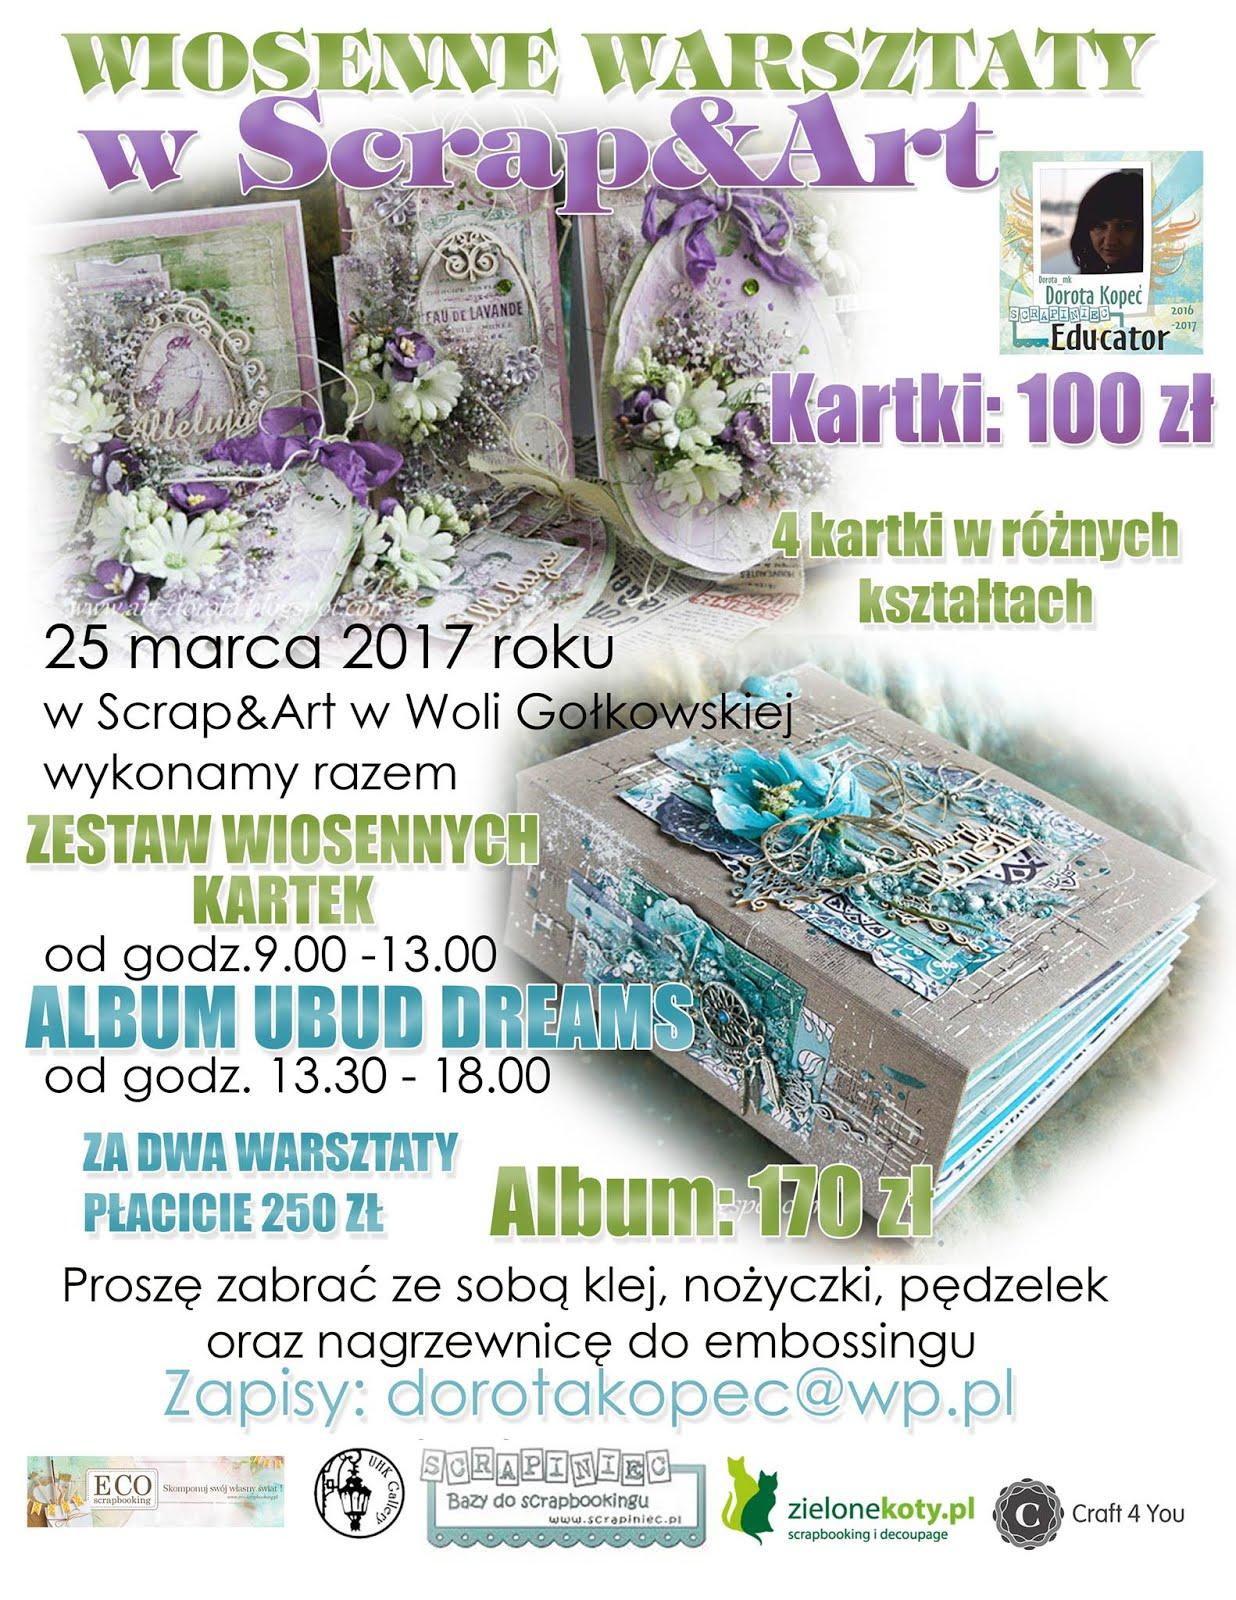 Warszawa (Wola Gołkowska) 25.03.2017